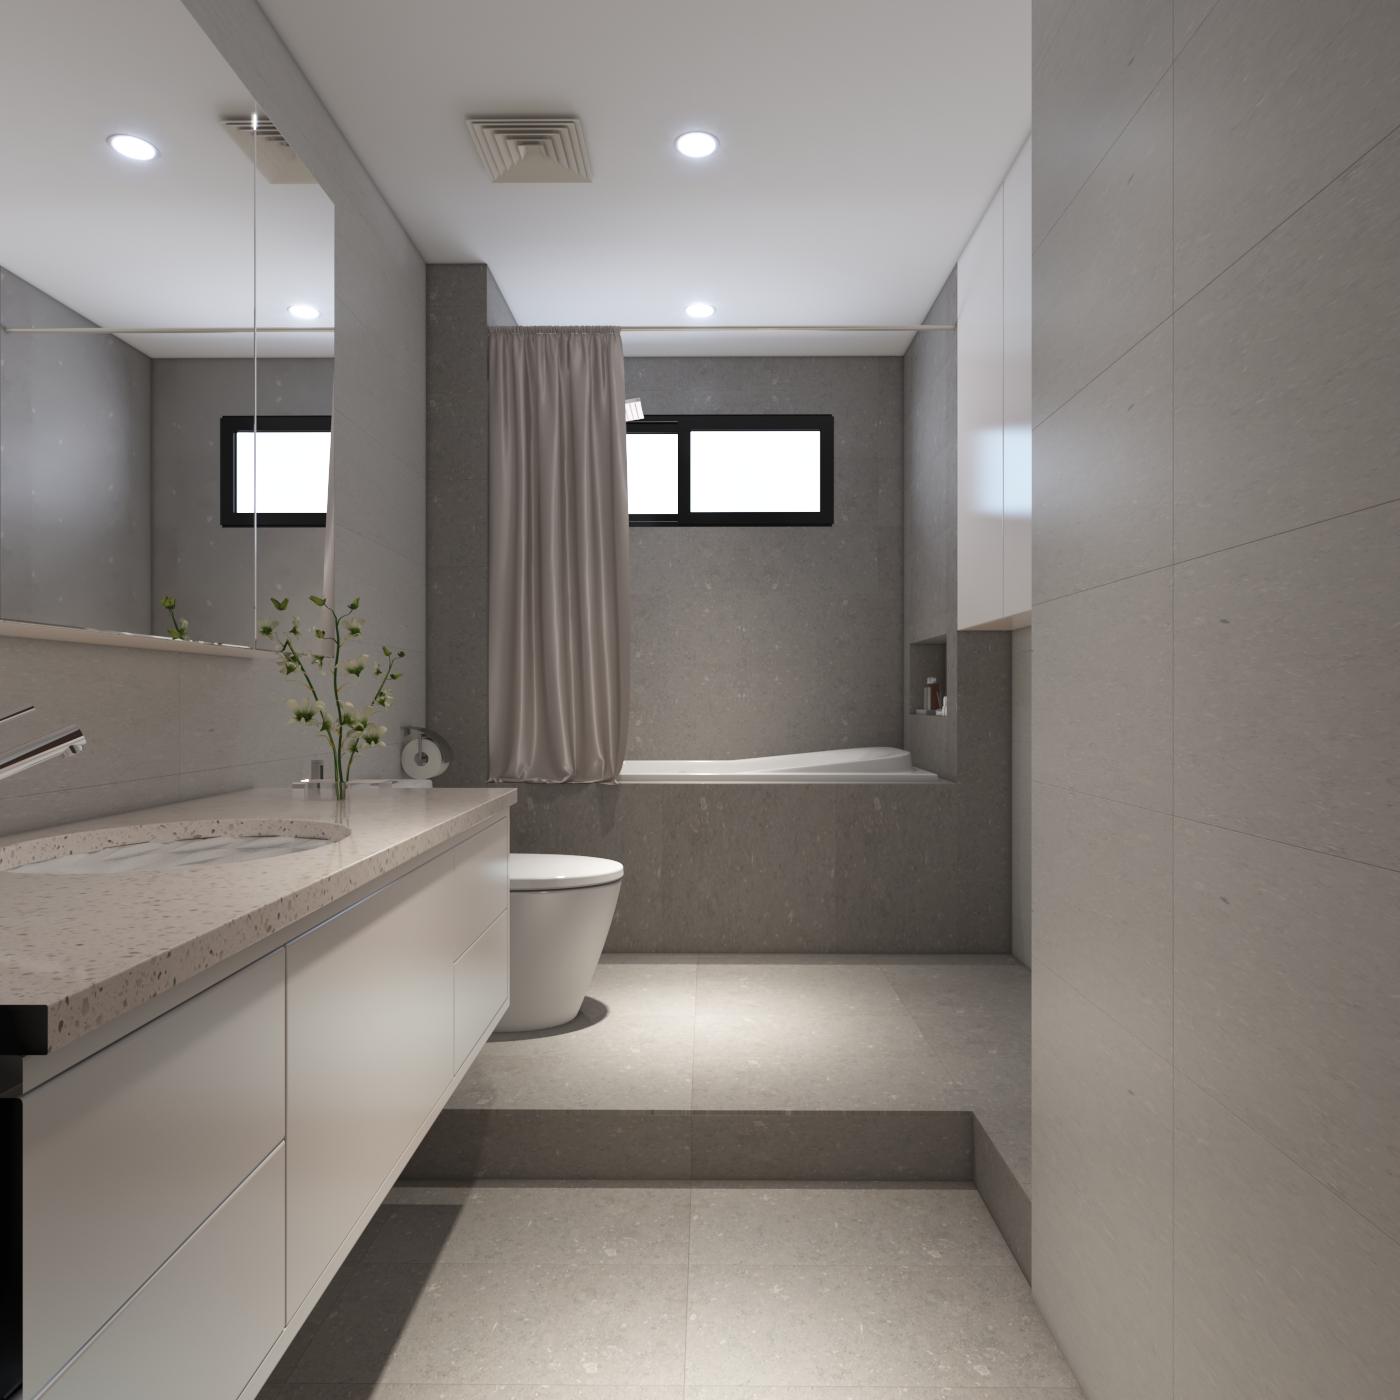 Thiết kế nội thất Chung Cư tại Hà Nội Chung cư New Skyline Văn Quán 1580465738 22